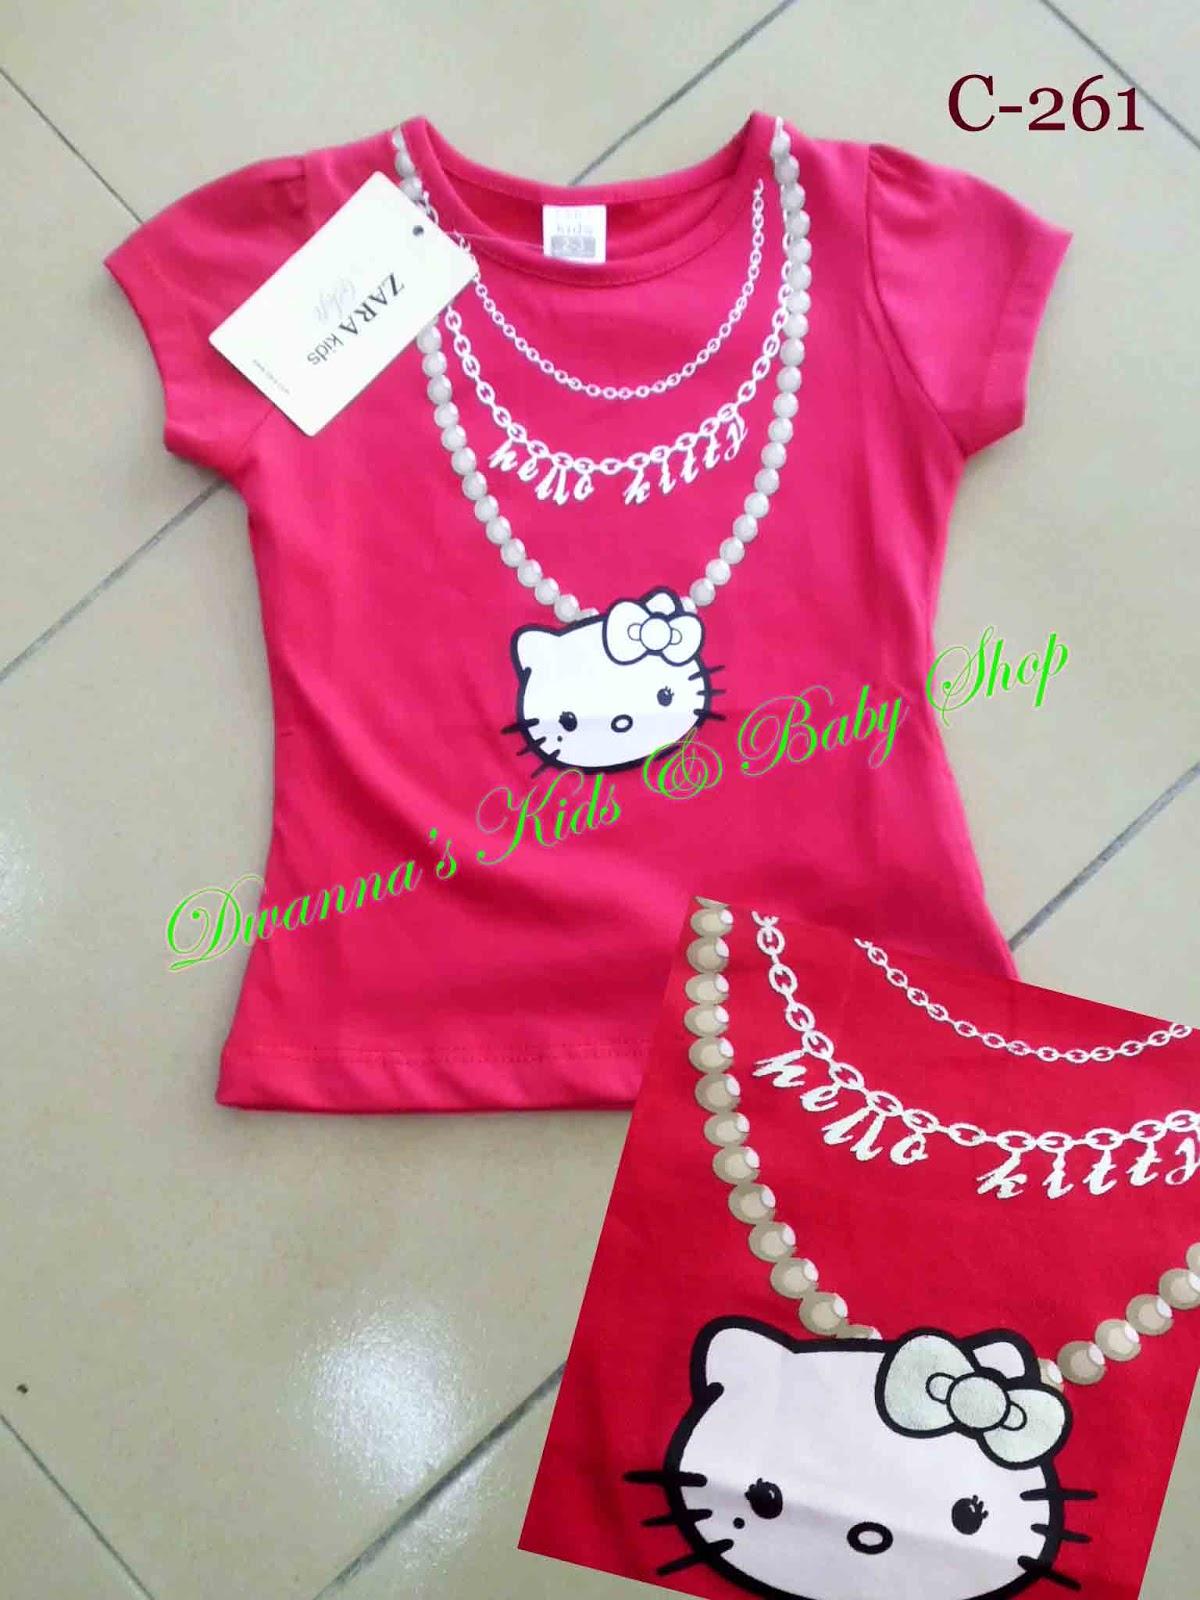 e3ee285f7 Material: 100% cotton (High Grade) Size : 1-2y/88cm 2-3y/92cm 3-4y/96cm 4-5y/100cm  5-6y/104cm. Price : RM23